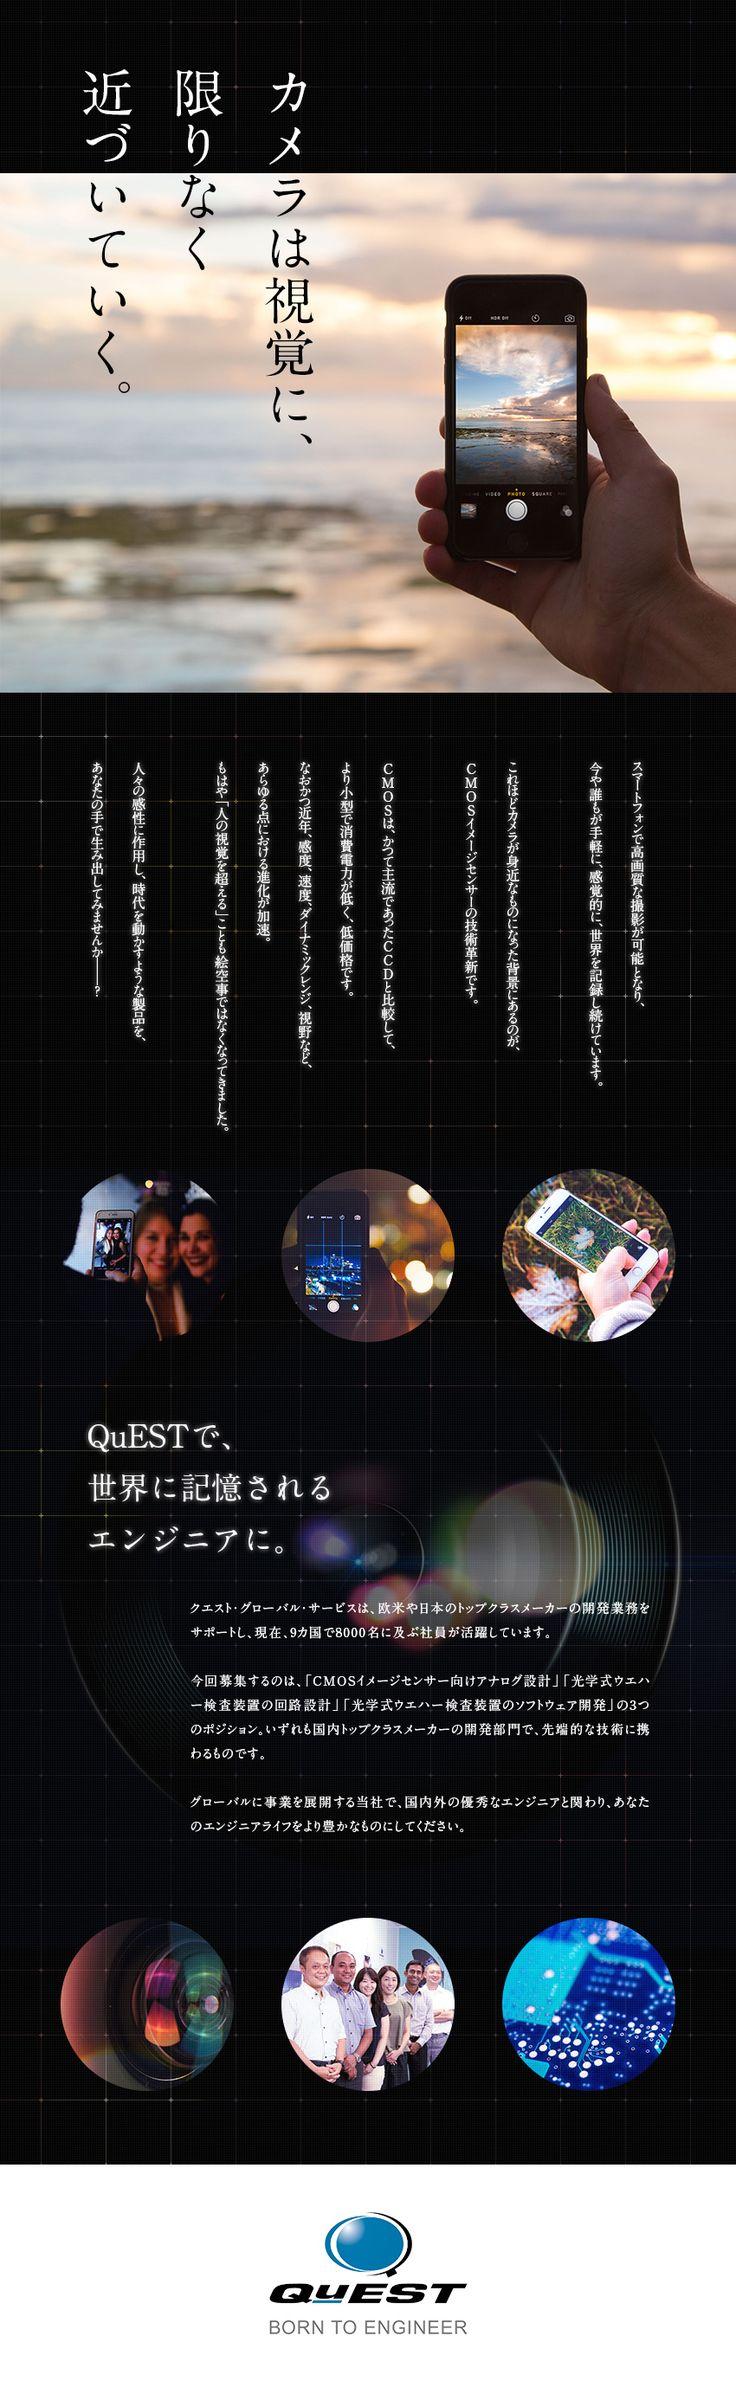 QuEST Global Services Pte.Ltd.(クエスト・グローバル・サービス)/回路設計またはソフトウェア開発のいずれか/CMOSイメージセンサーor光学式ウエハー検査装置を担当の求人PR - 転職ならDODA(デューダ)